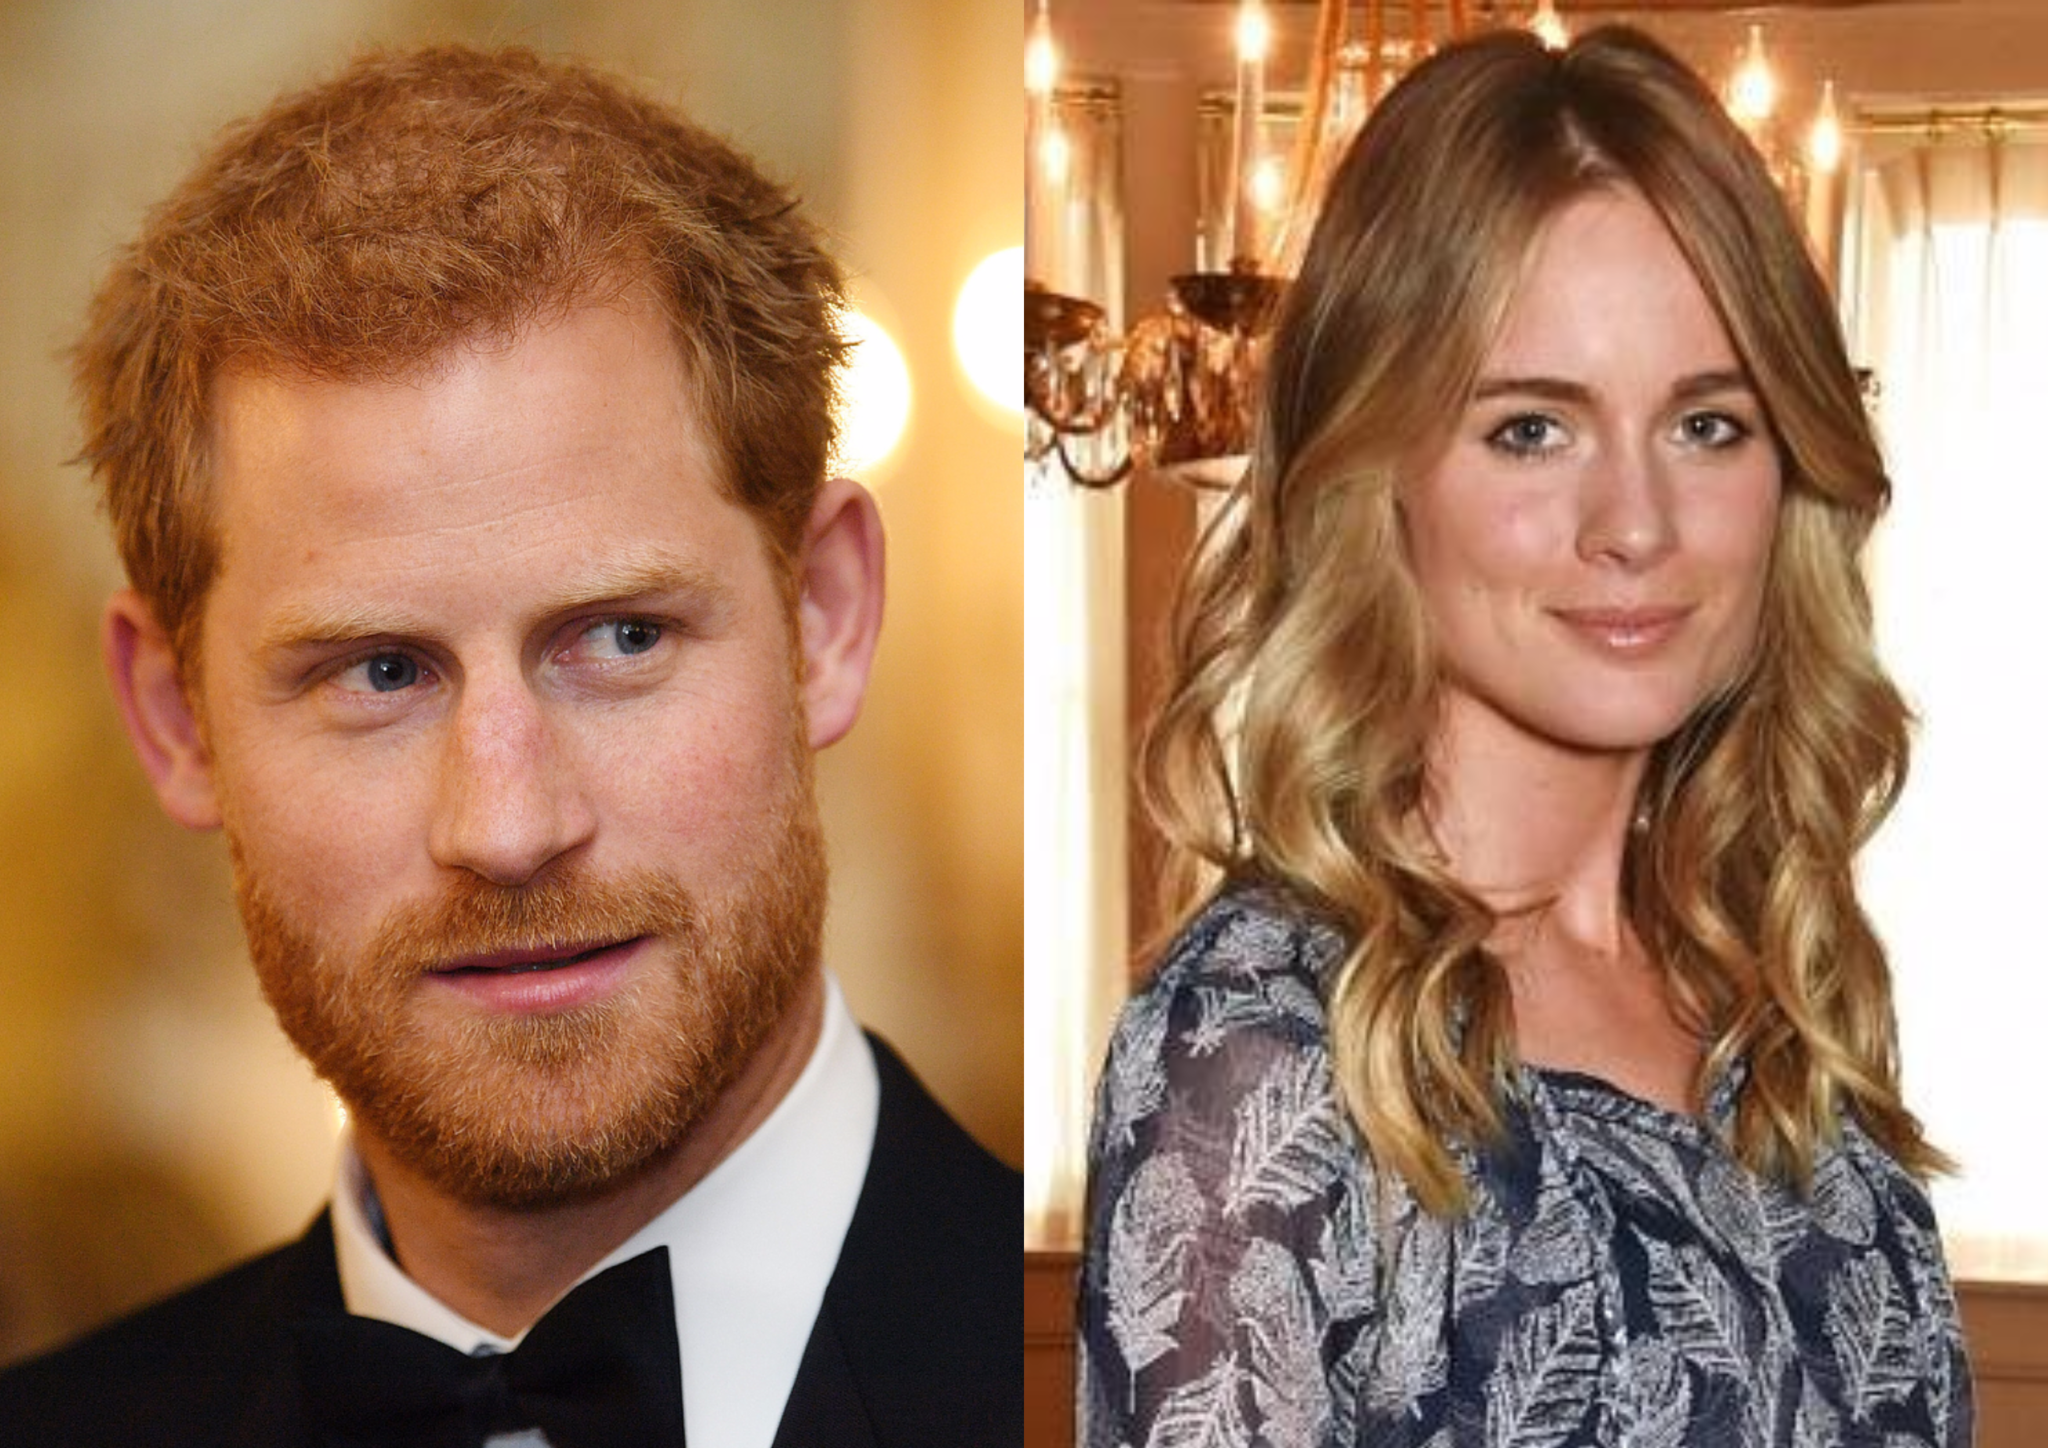 Принц Гарри встретился со своей бывшей возлюбленной